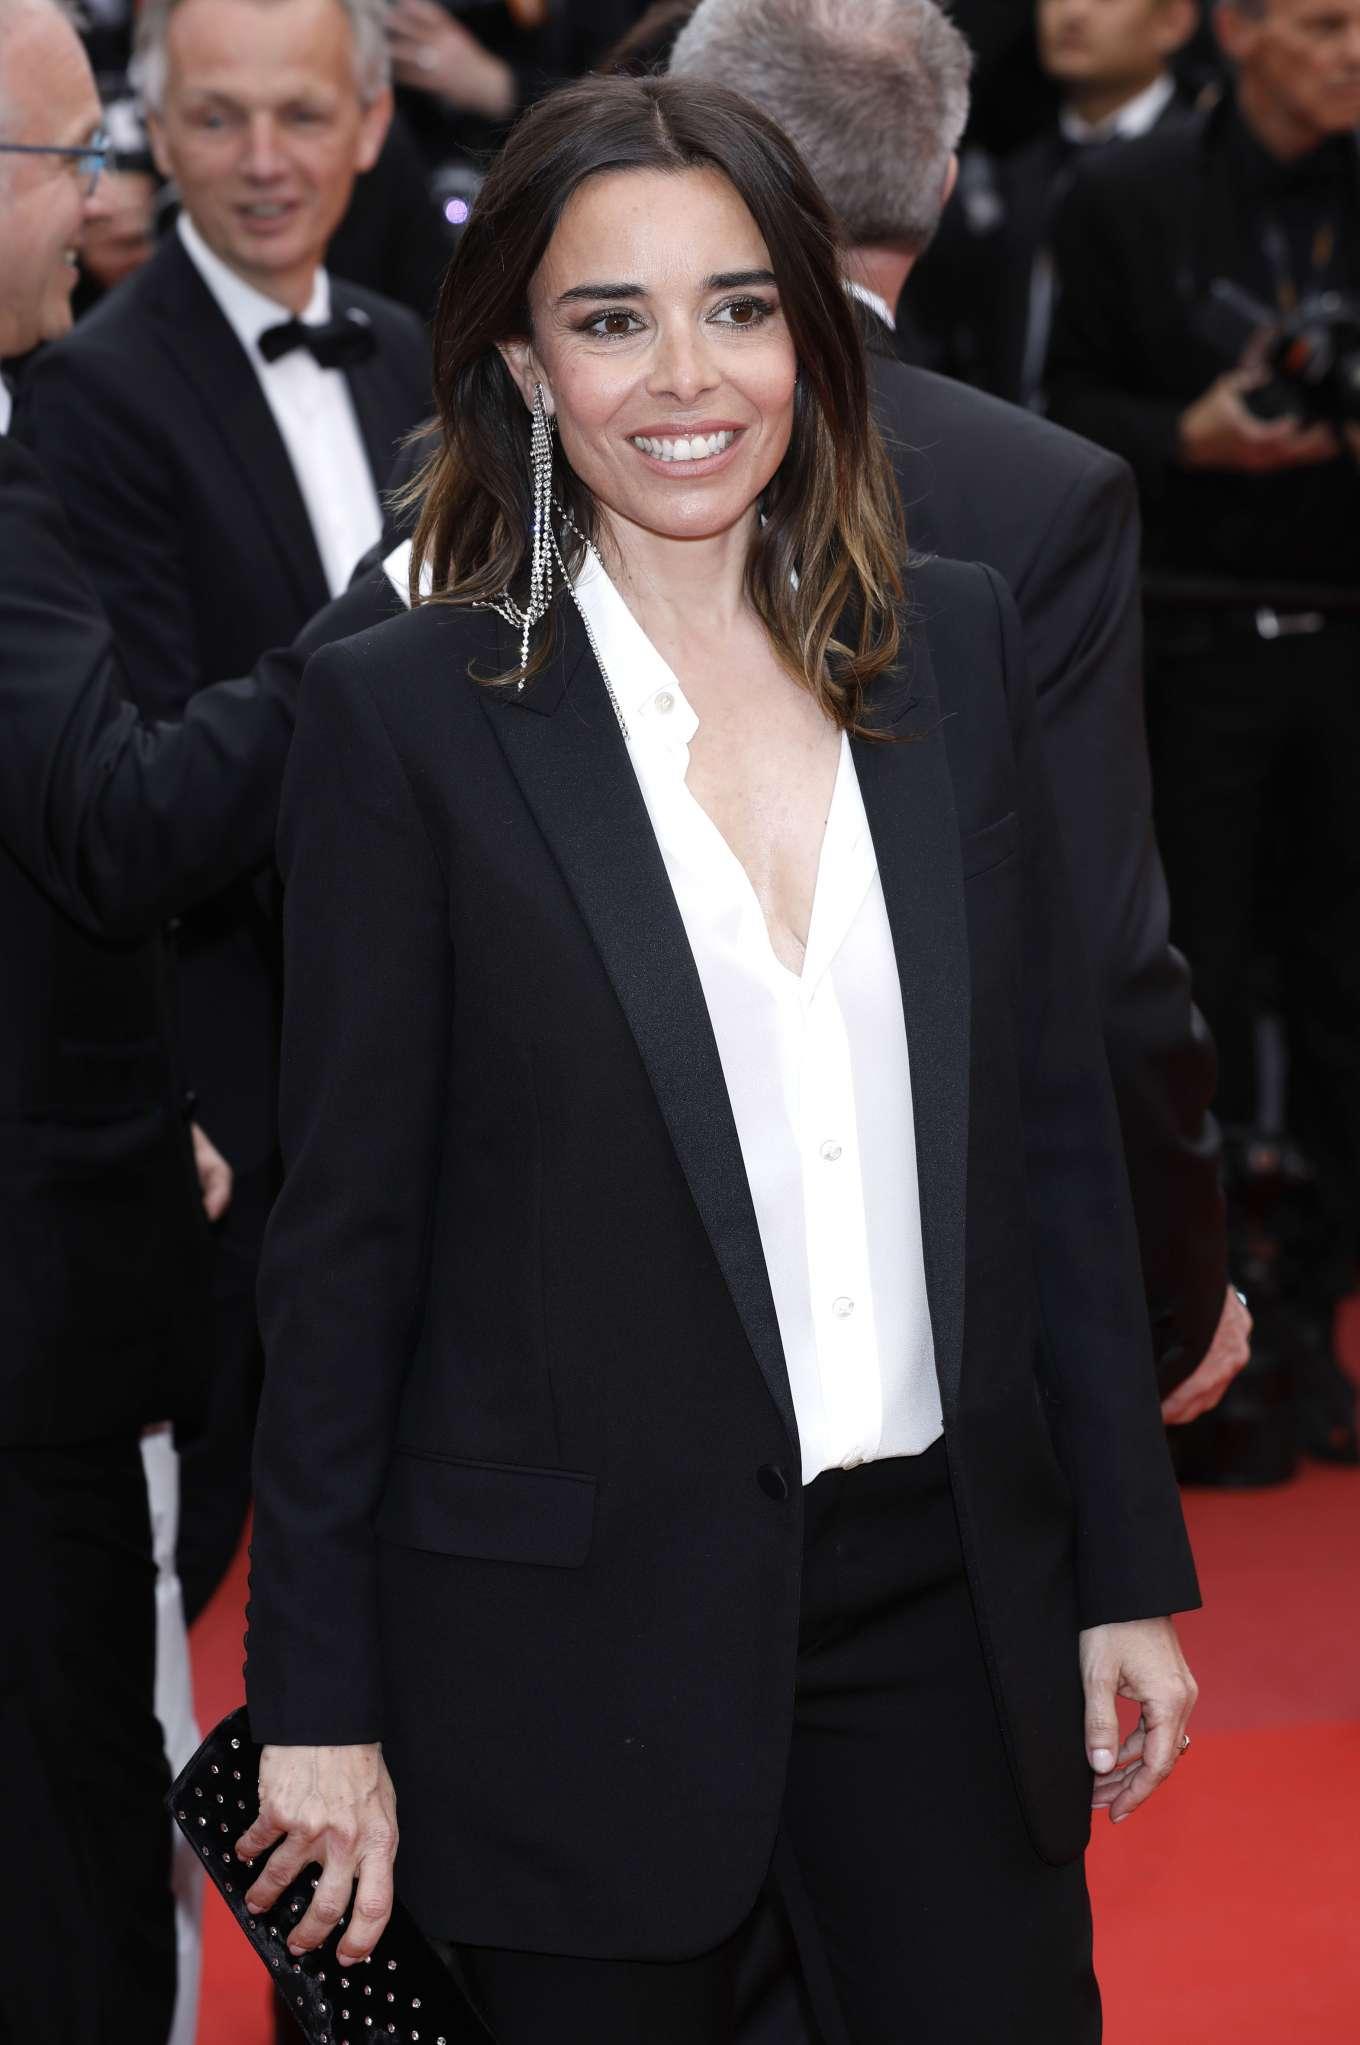 Elodie Bouchez 2019 : Elodie Bouchez: La Belle Epoque Premiere at 2019 Cannes Film Festival-08